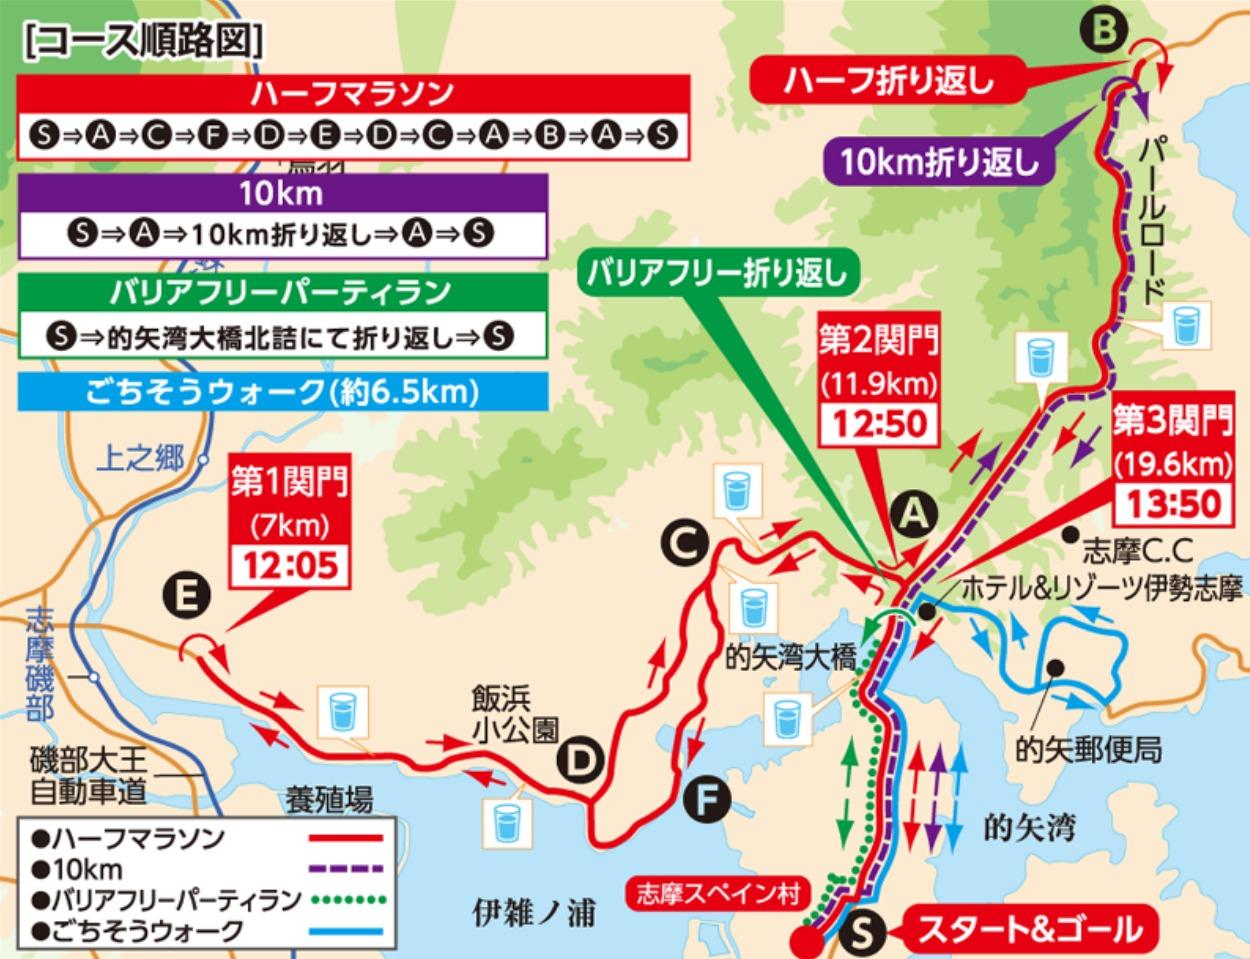 志摩ロードパーティハーフマラソンコースマップ